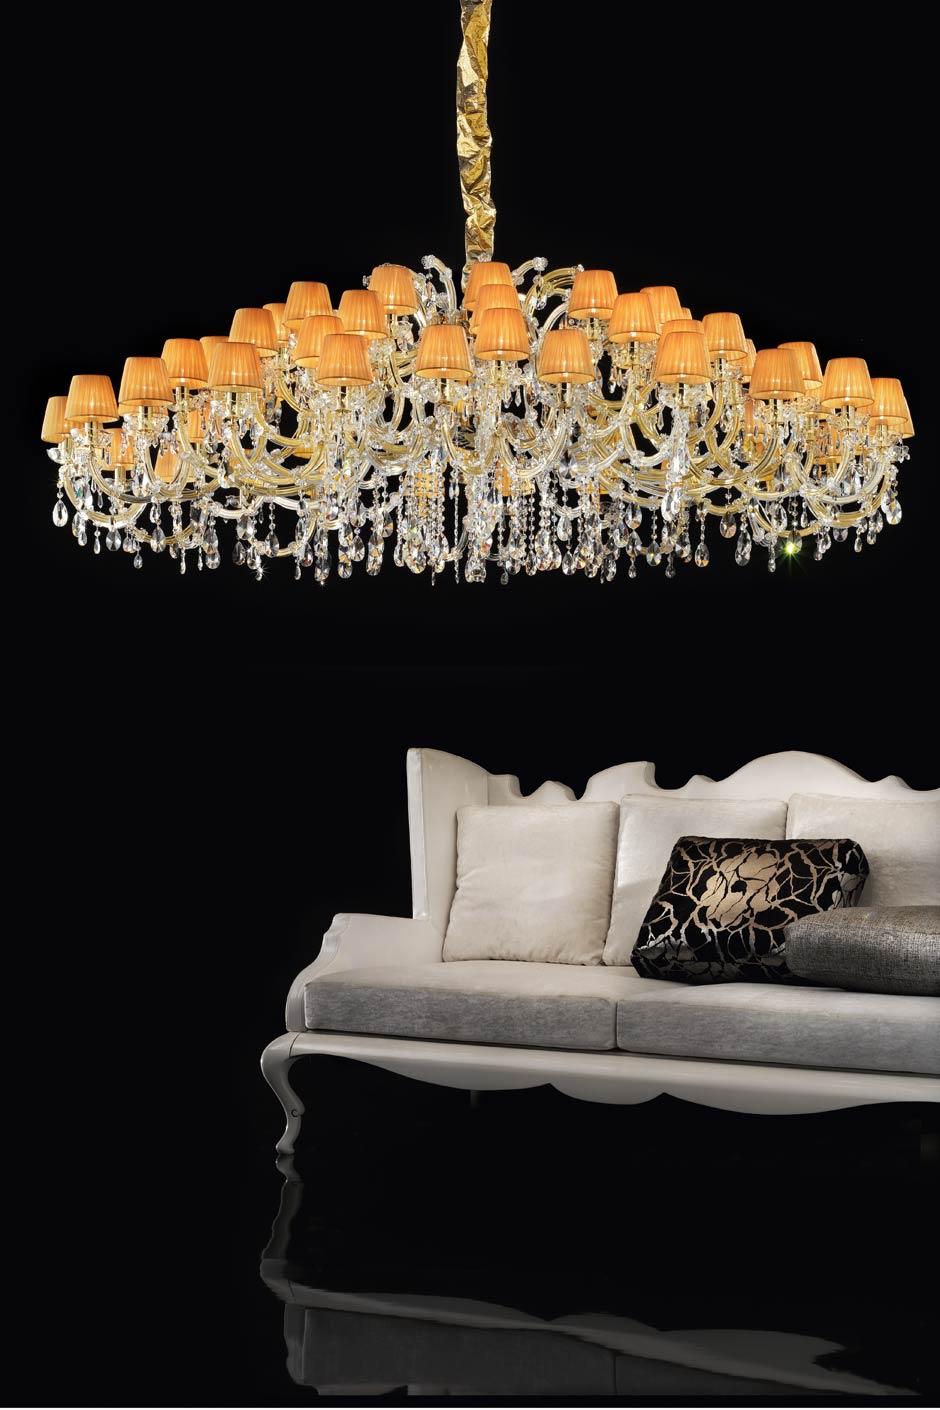 lustre cristal luxe orange et dor en cristal masiero sp cialiste du lustre en cristal et de. Black Bedroom Furniture Sets. Home Design Ideas